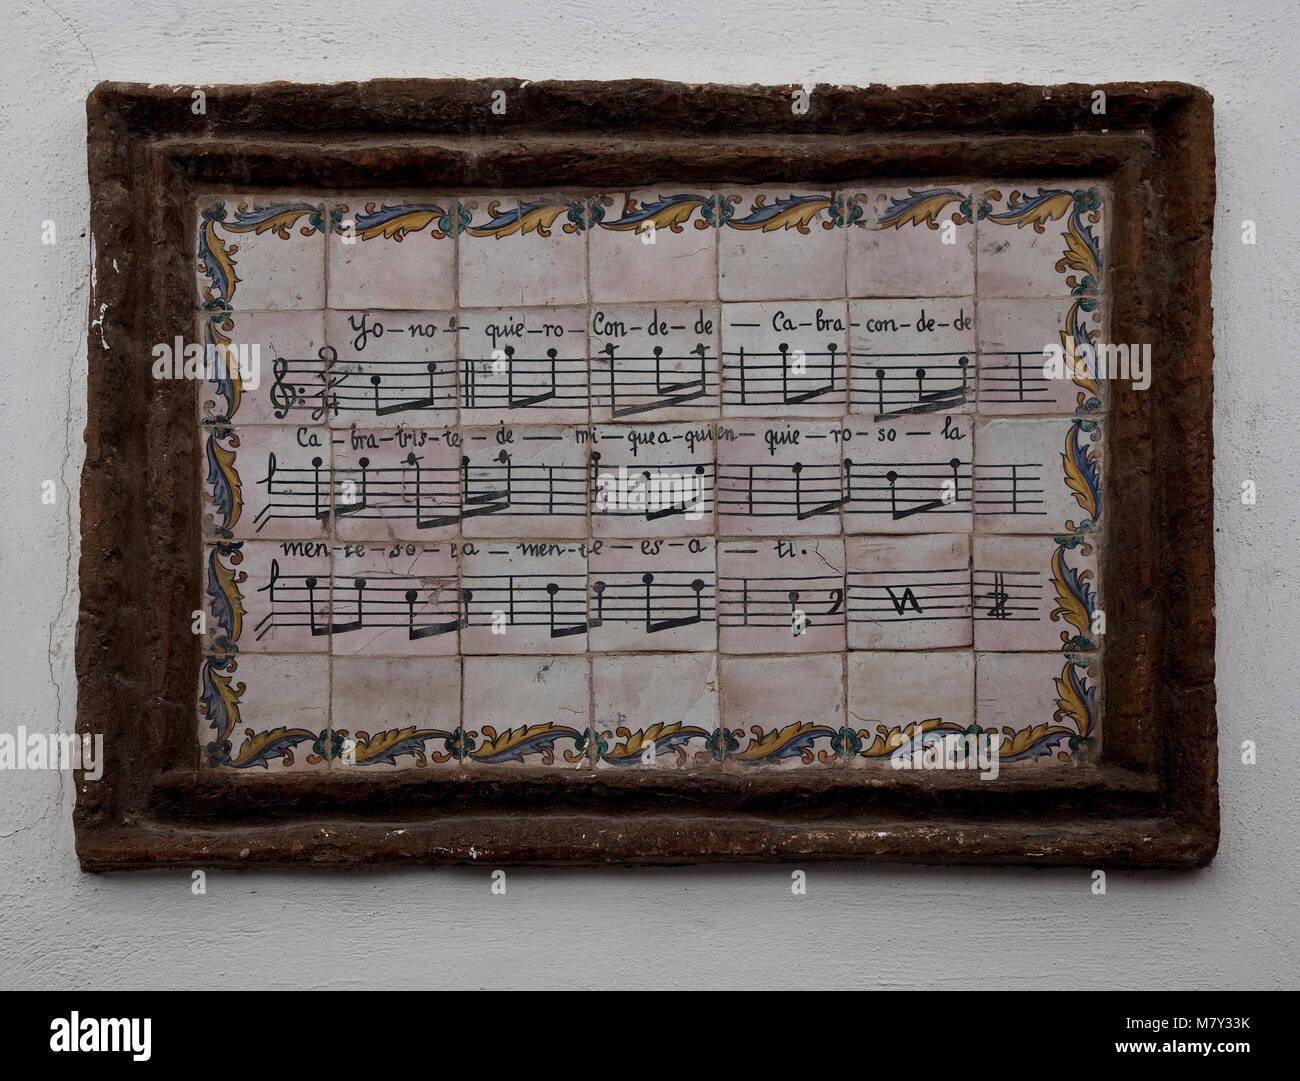 Cordoba, Kachelbild im jüdischen Viertel. Liedstrophe in Text und Noten auf Kacheln gemalt in Art einer Gedenktafel - Stock Image